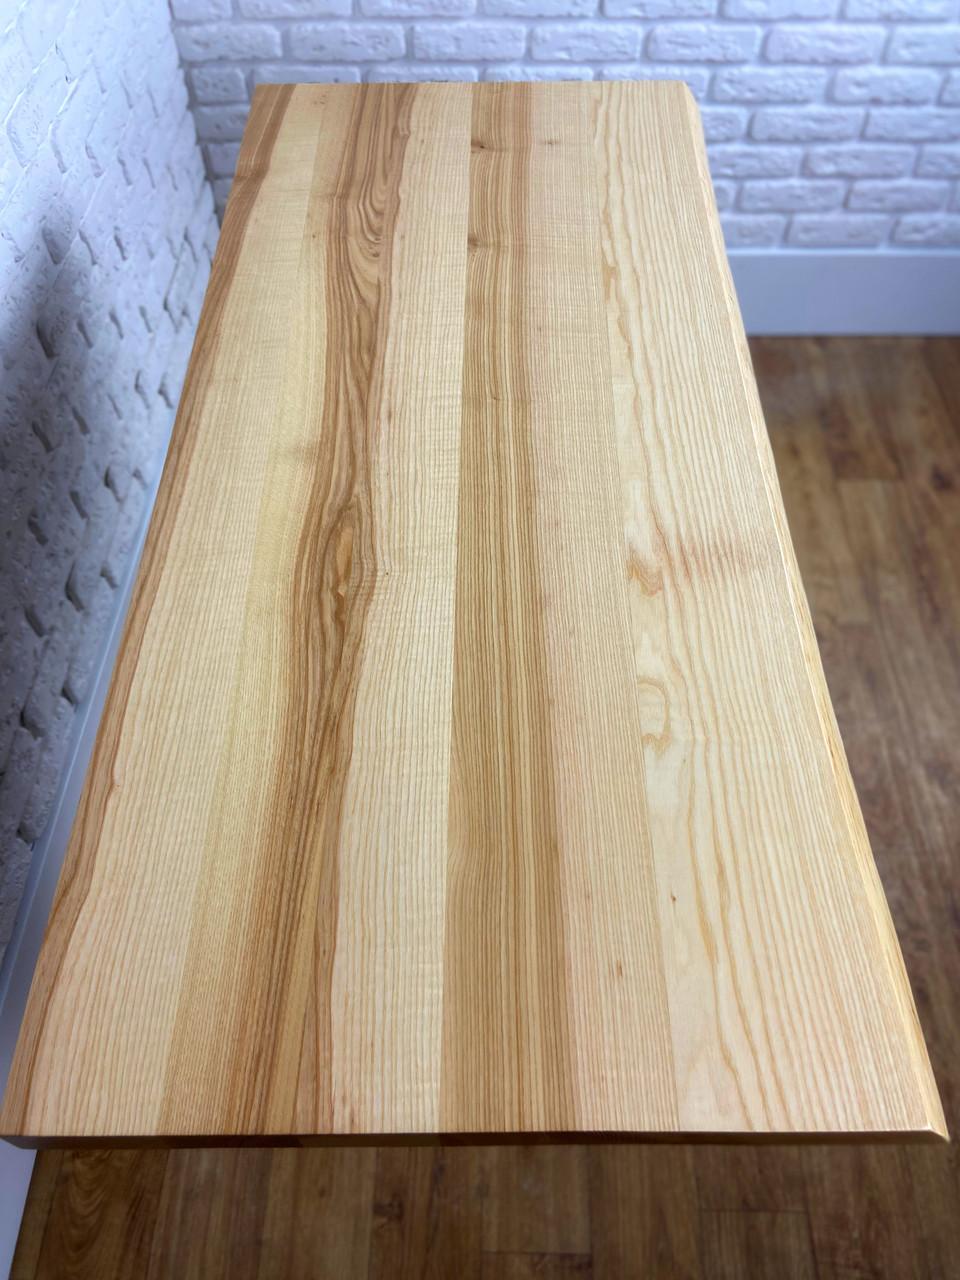 Живой край кухонных столешниц из массива дерева